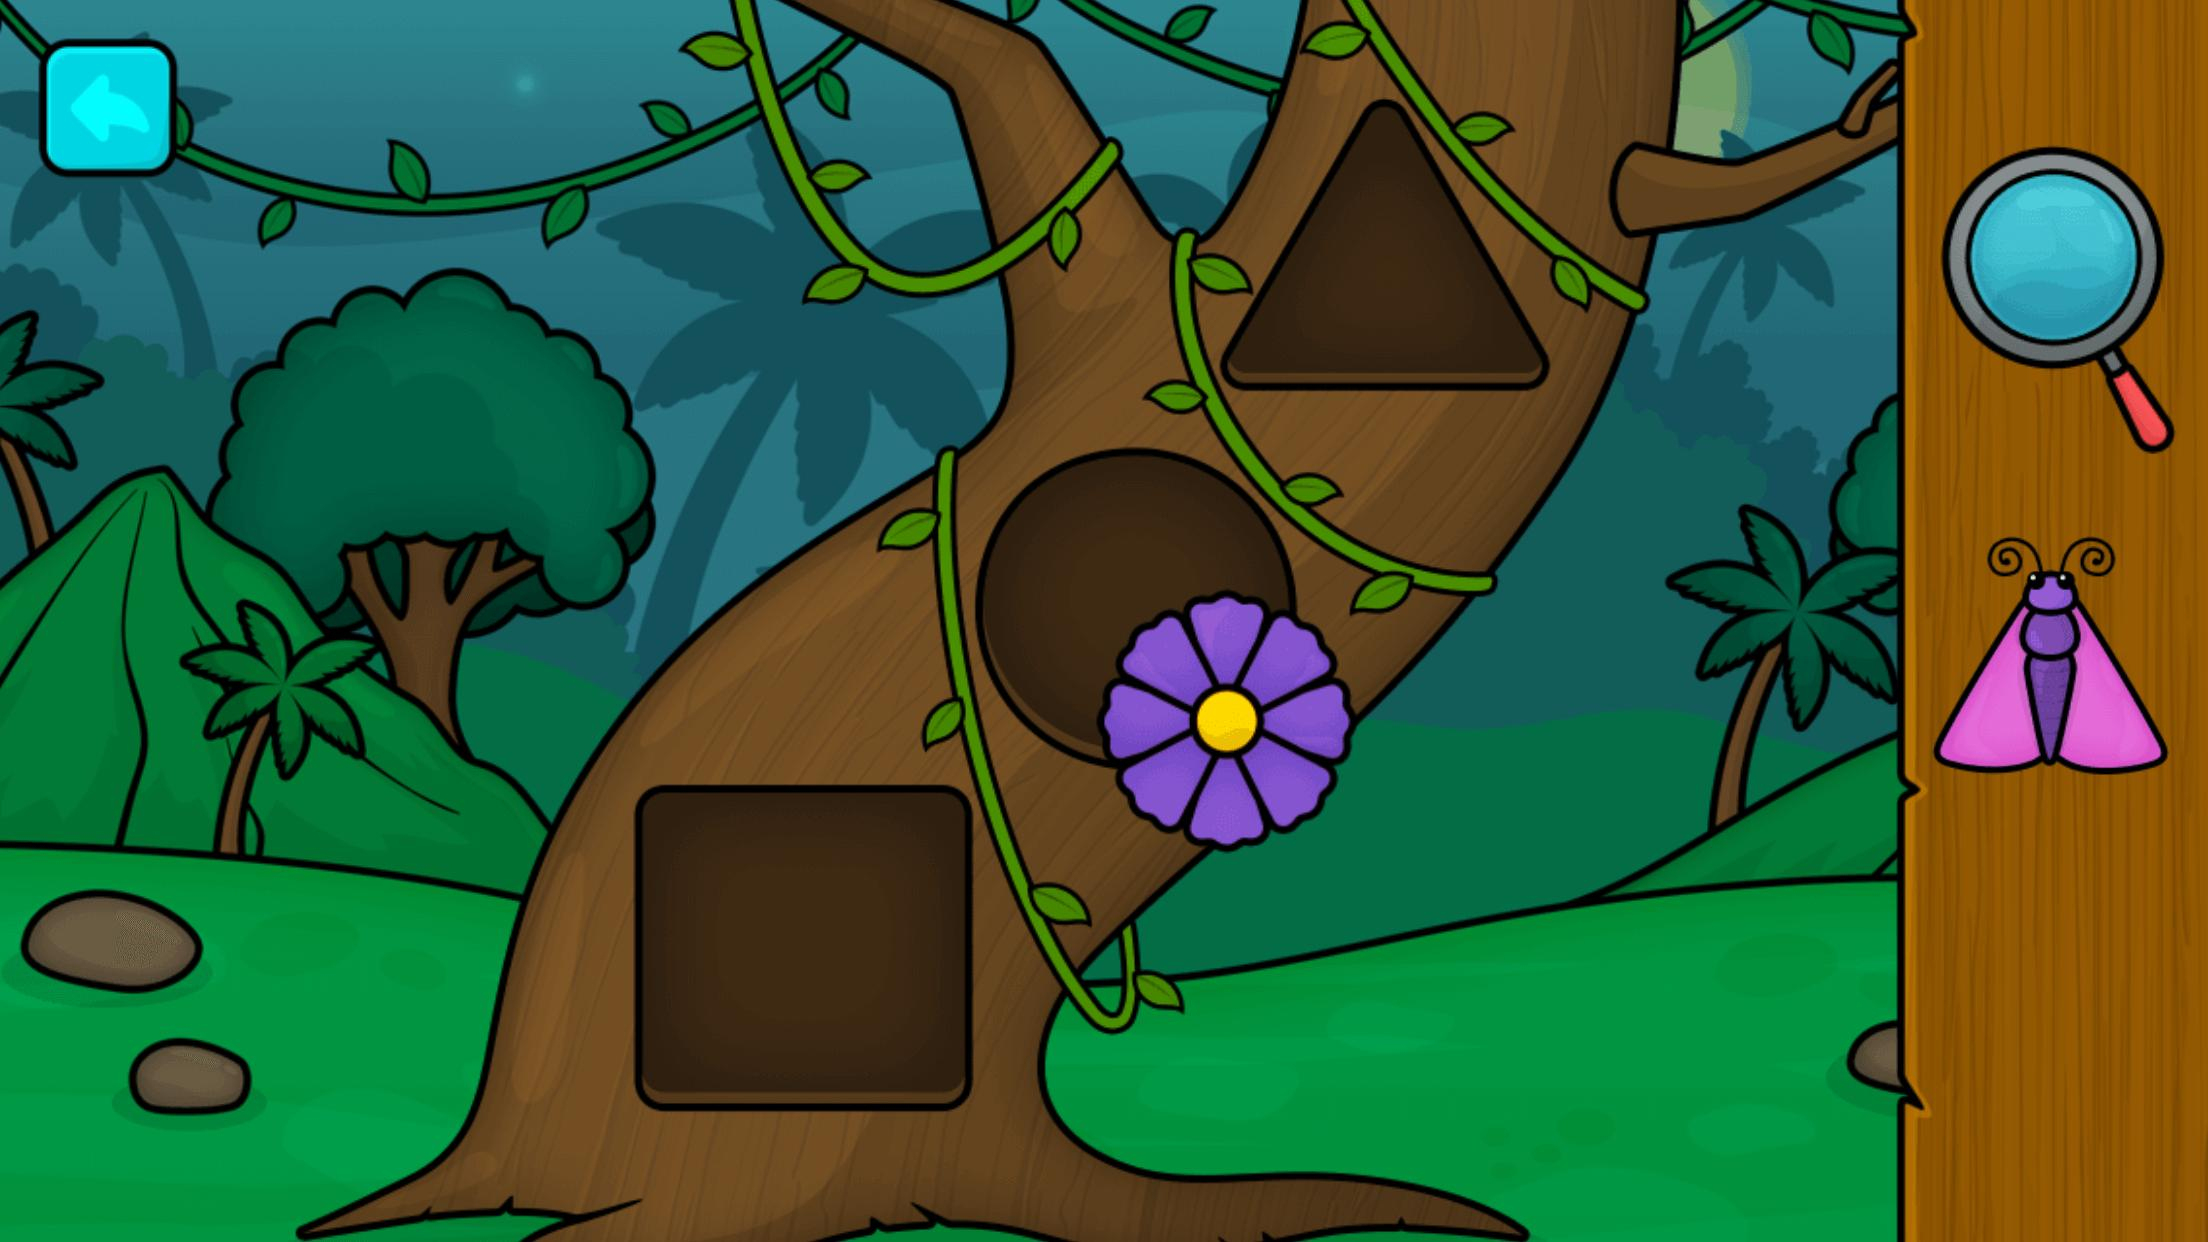 Jeux Pour Enfants 2 - 5 Ans Pour Android - Téléchargez L'apk tout Jeux Pour Garçon De 5 Ans